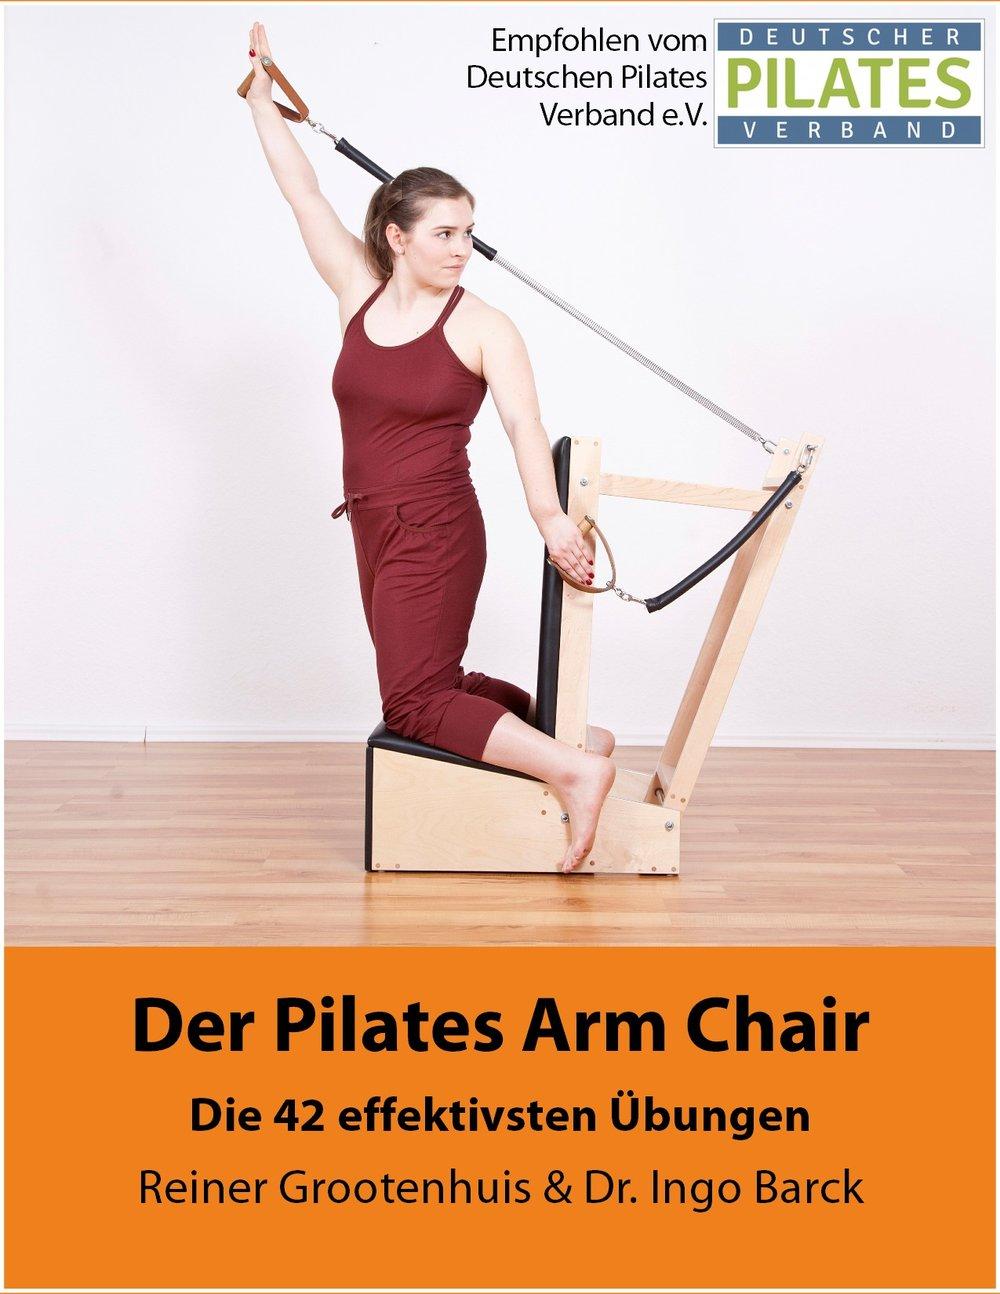 Der Pilates Arm Chair / Erschienen im Juli 2016 auf Deutsch und im September 2016 auf Englisch 4 Rezensionen mit 5 Sternen auf amazon.de 10 Rezensionen mit 5 Sternen auf amazon.com / 1 Rezension mit 4